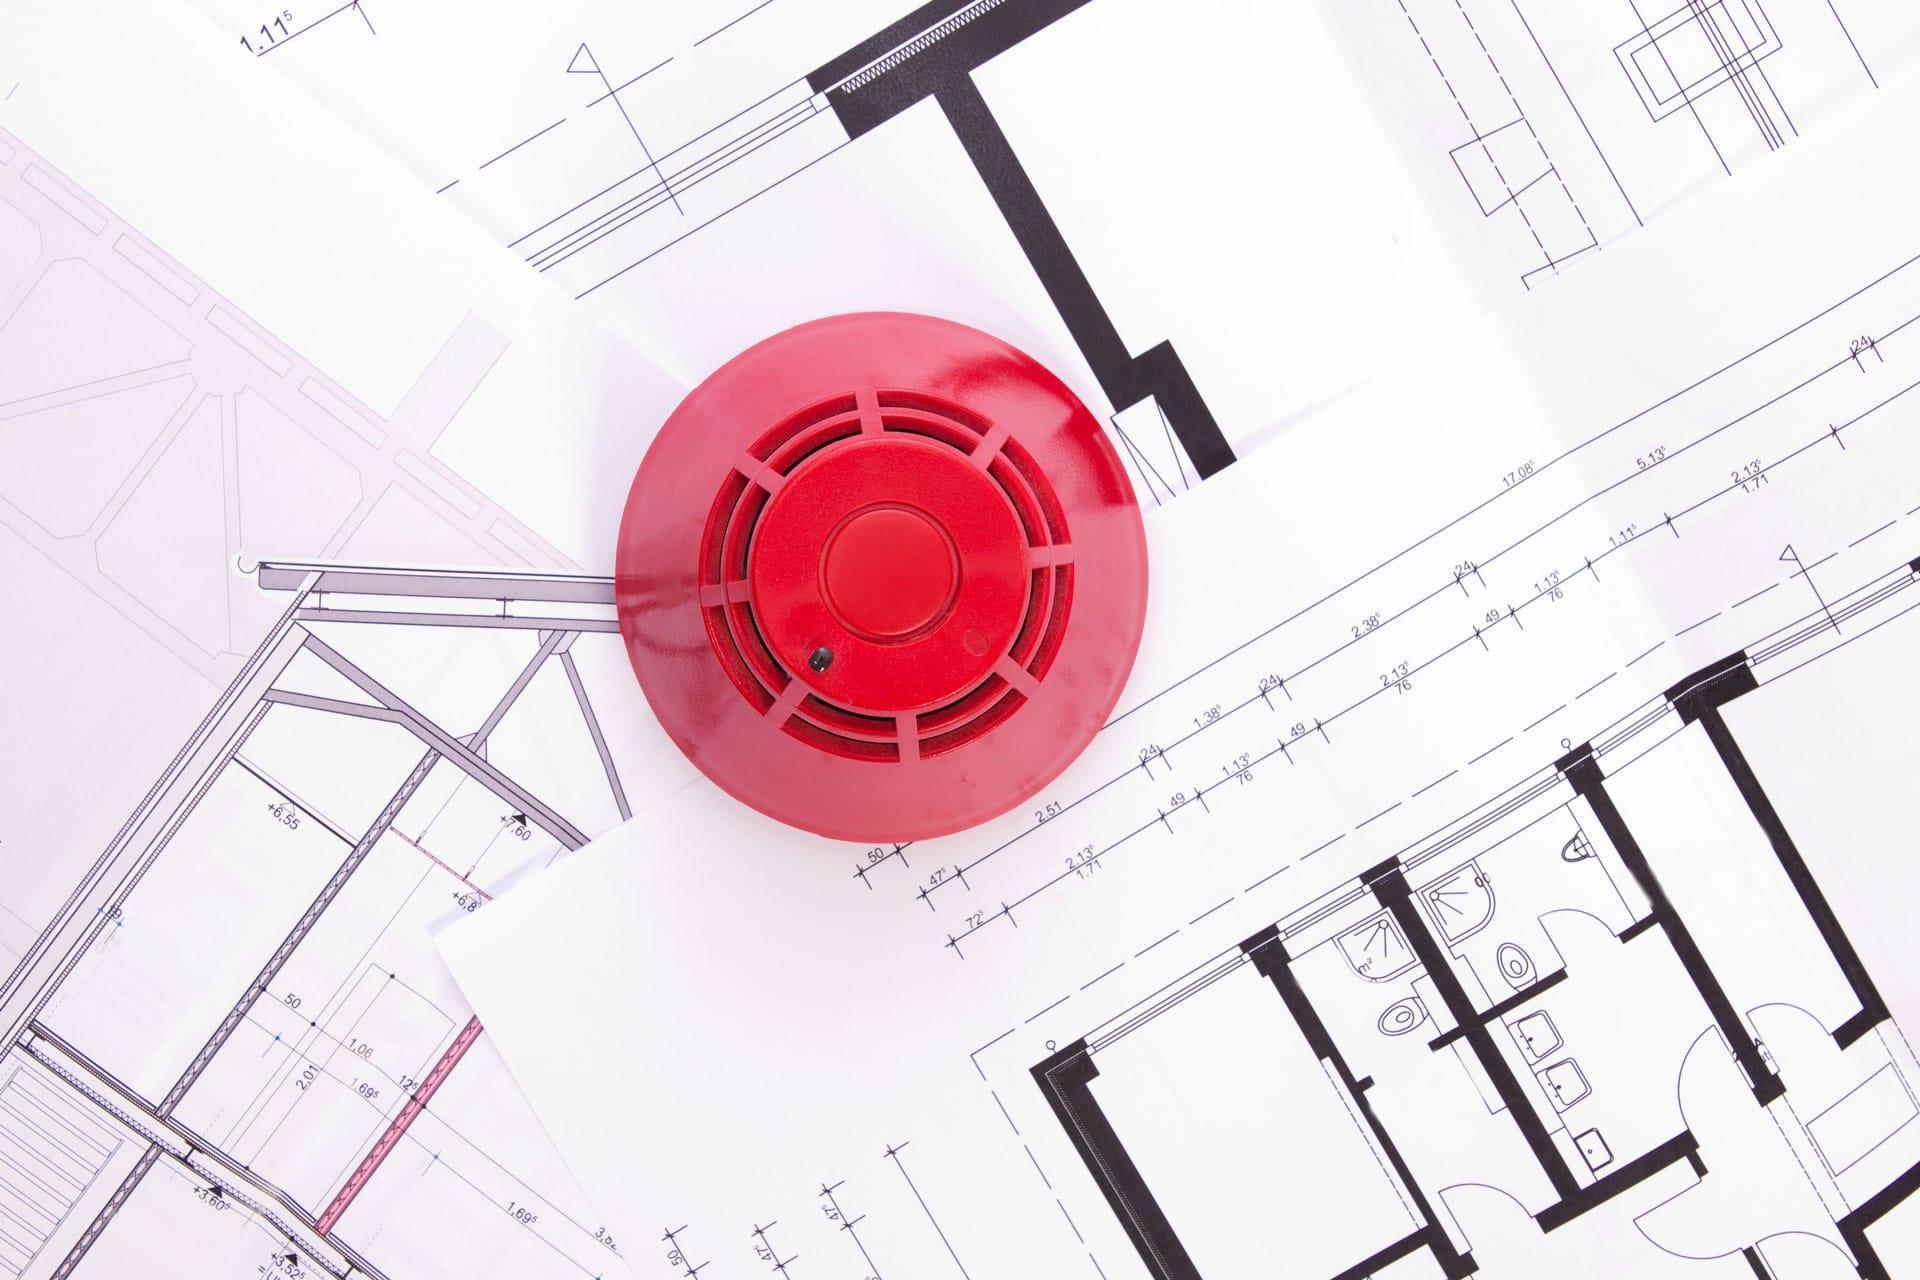 Küchenabluftreinigung, Brandschutzklappen VDI 6022, Brandschutz